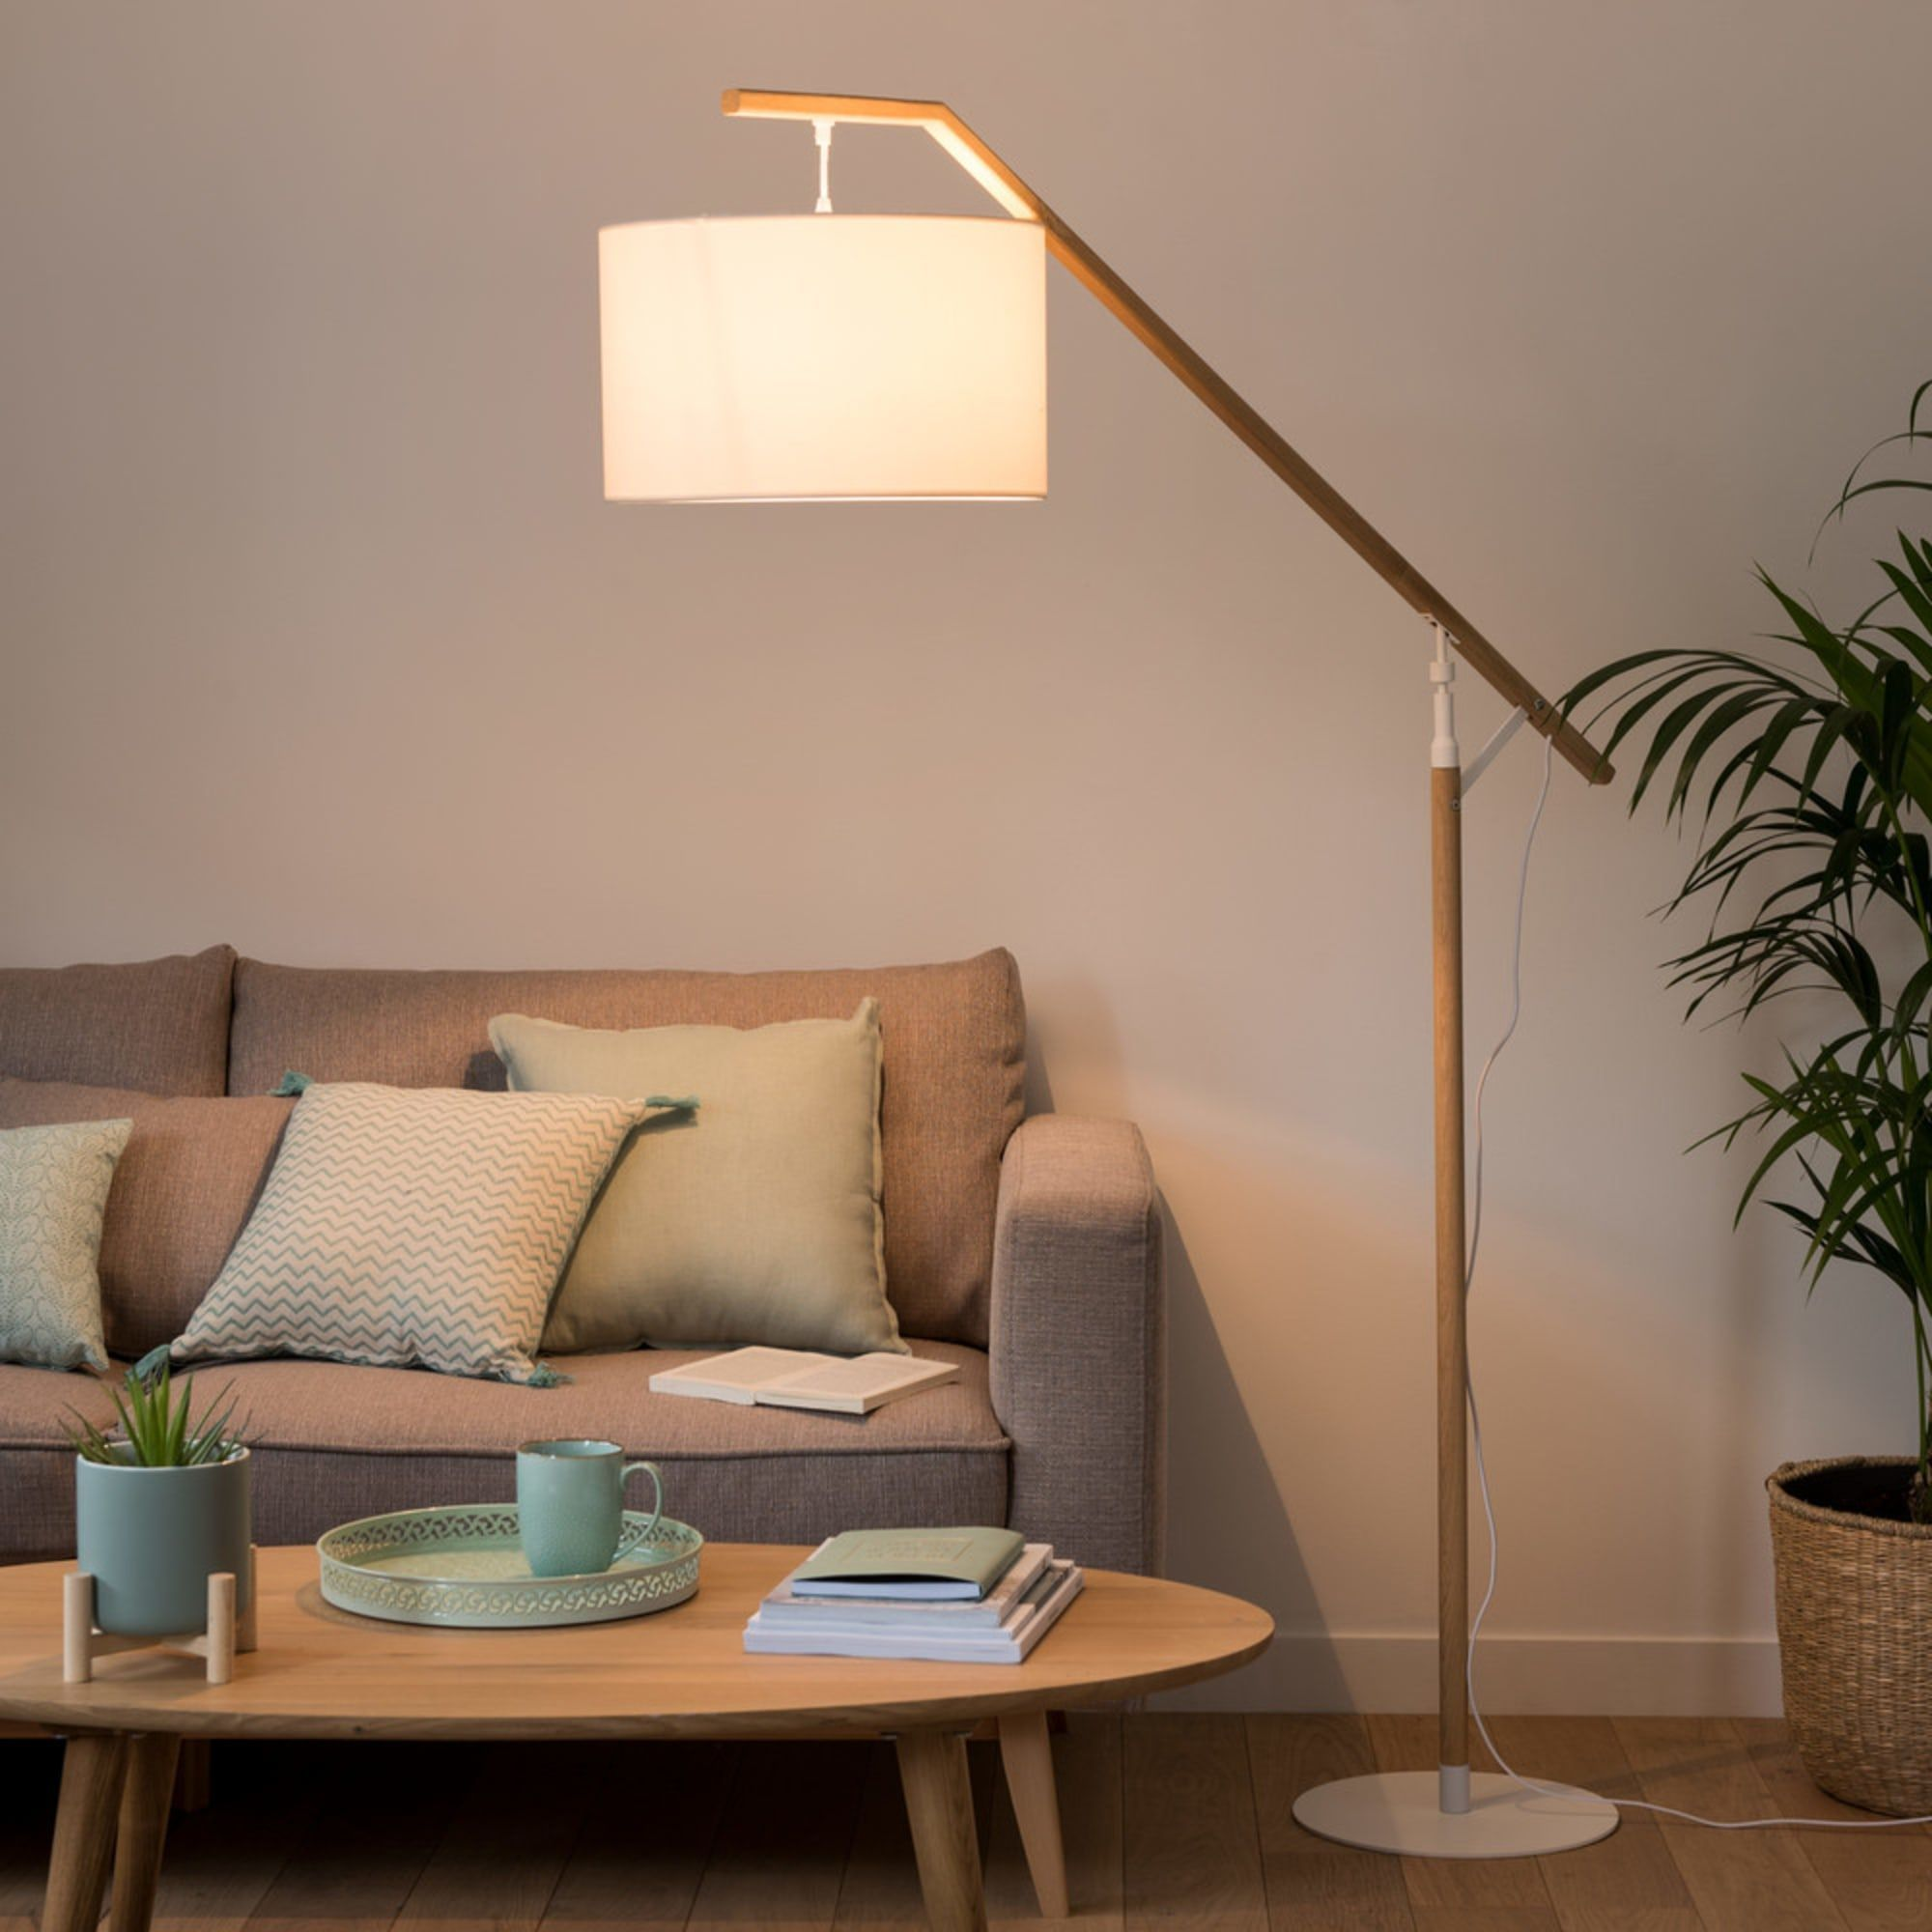 Stehlampe Aus Eichenholz Mit Weissem Lampenschirm H In 2020